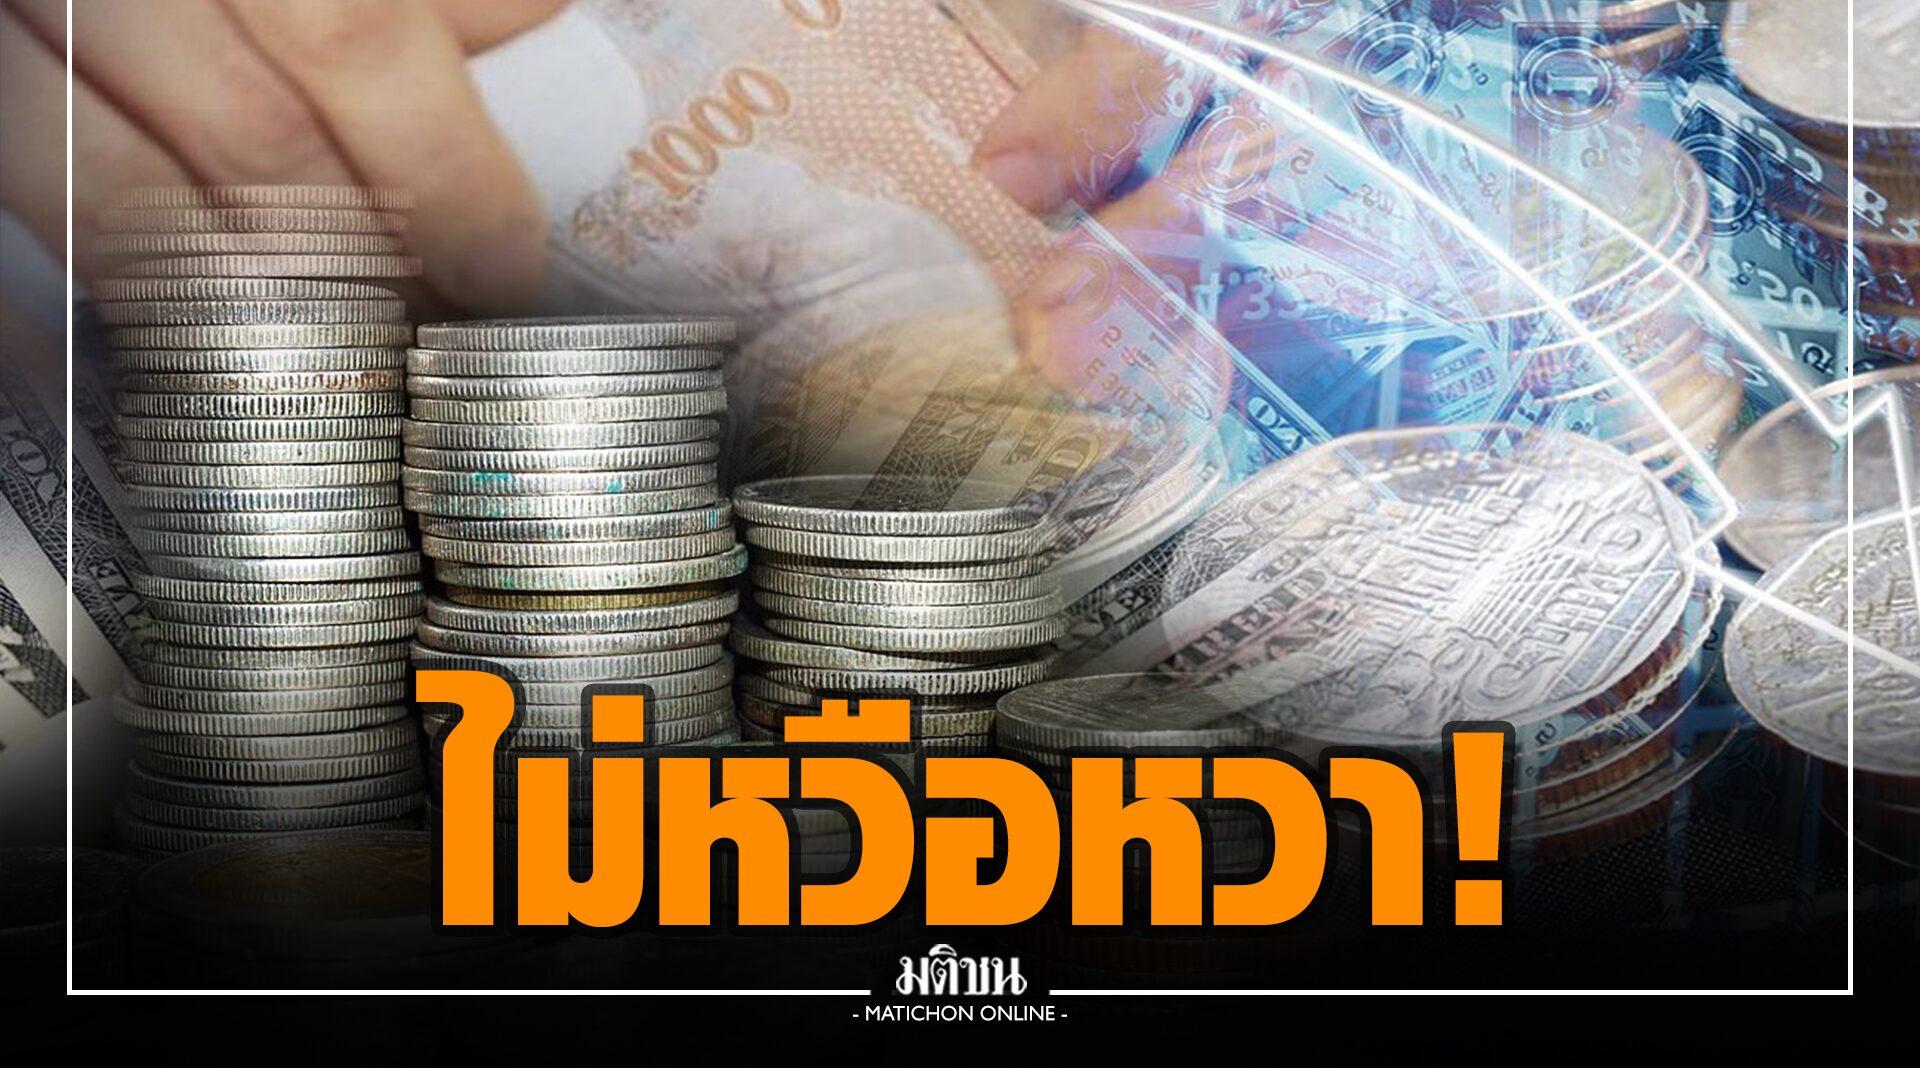 ตลาดเงินไม่หวือหวา รับข่าววัคซีน บาทไทยนิ่ง